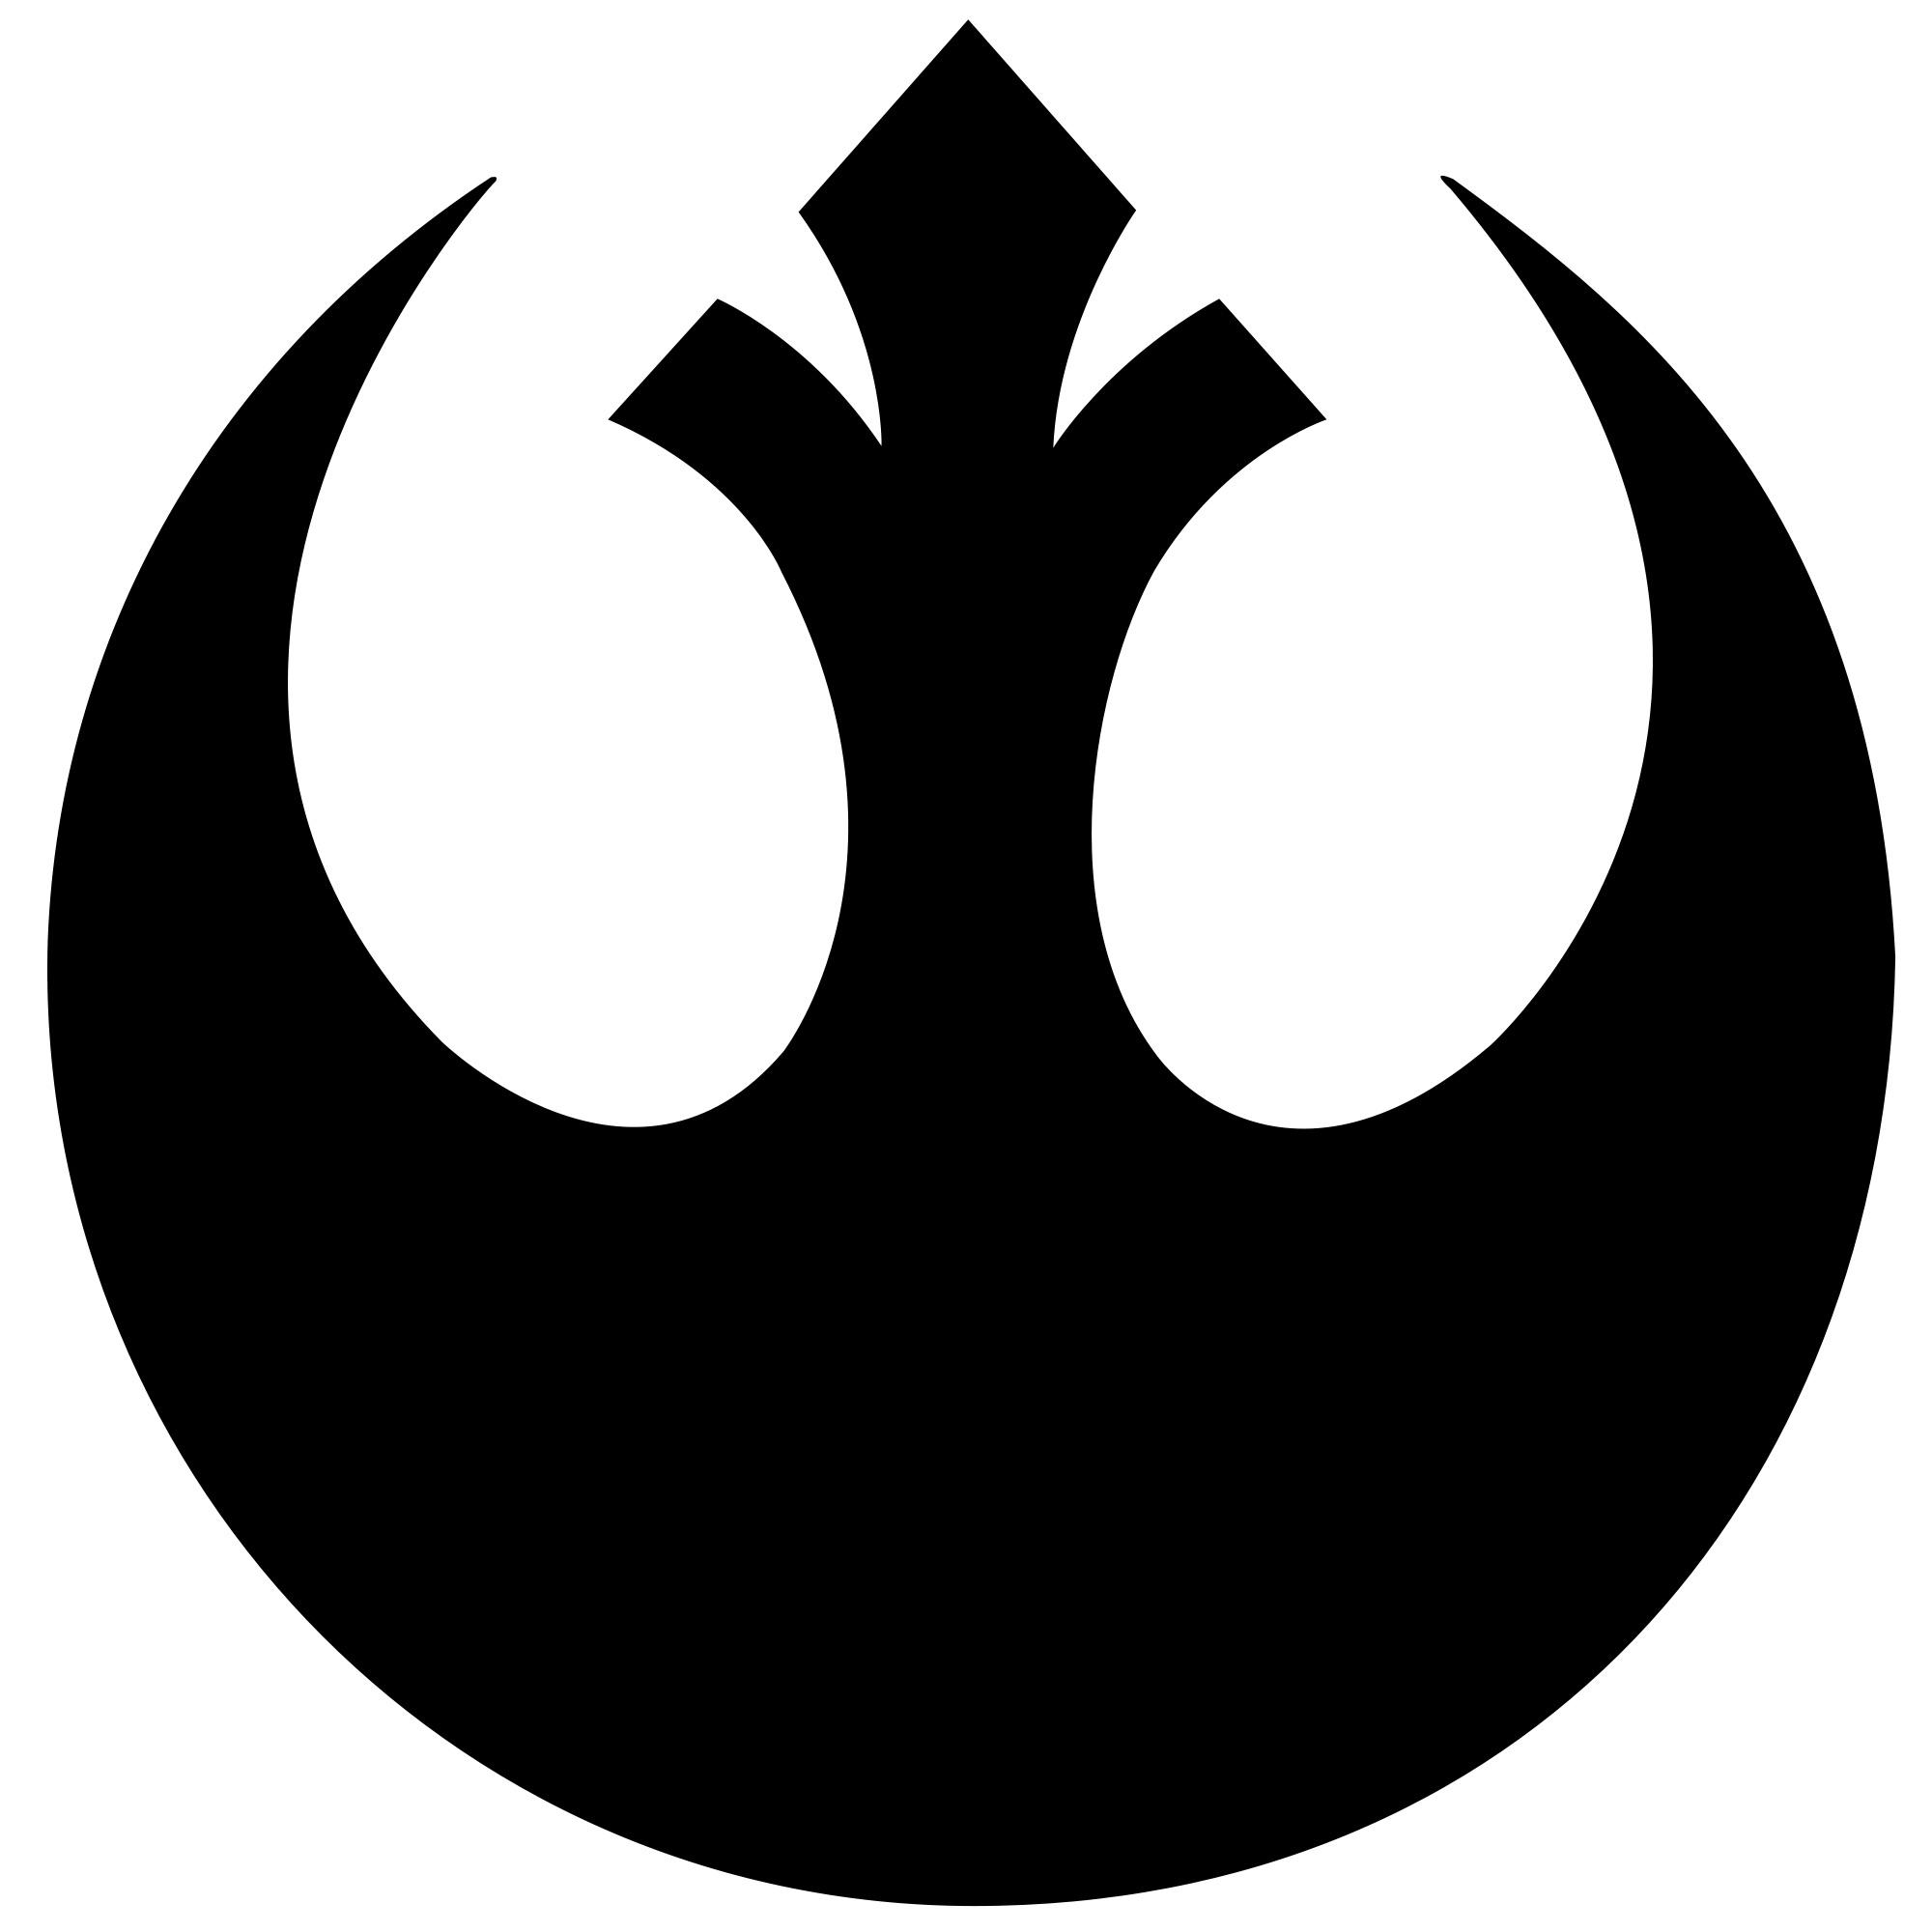 Populární sci-fi série, kterou znáte z filmů i seriálů, přinesla také znak, který v něm nosí většina kladných hrdinů. Je to série